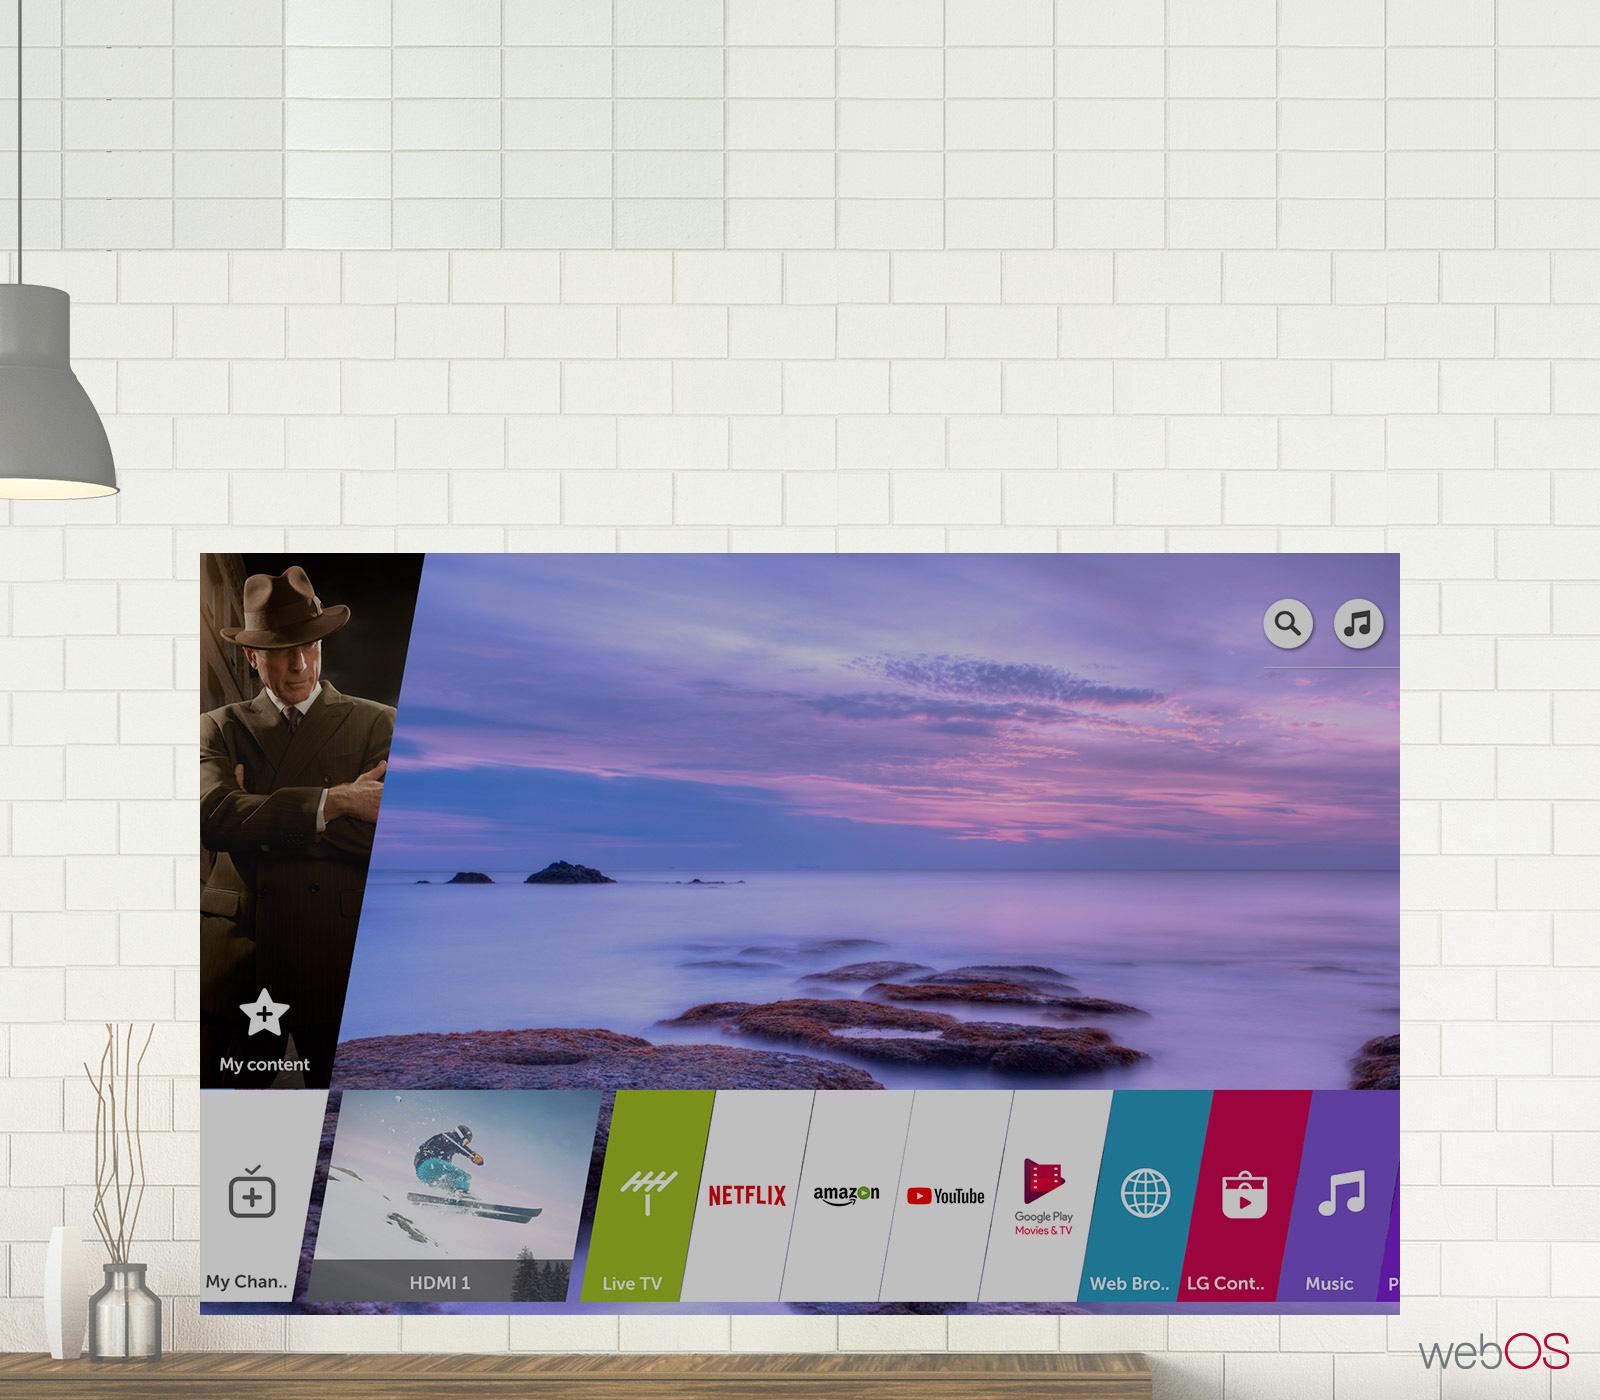 Así se ve webOS